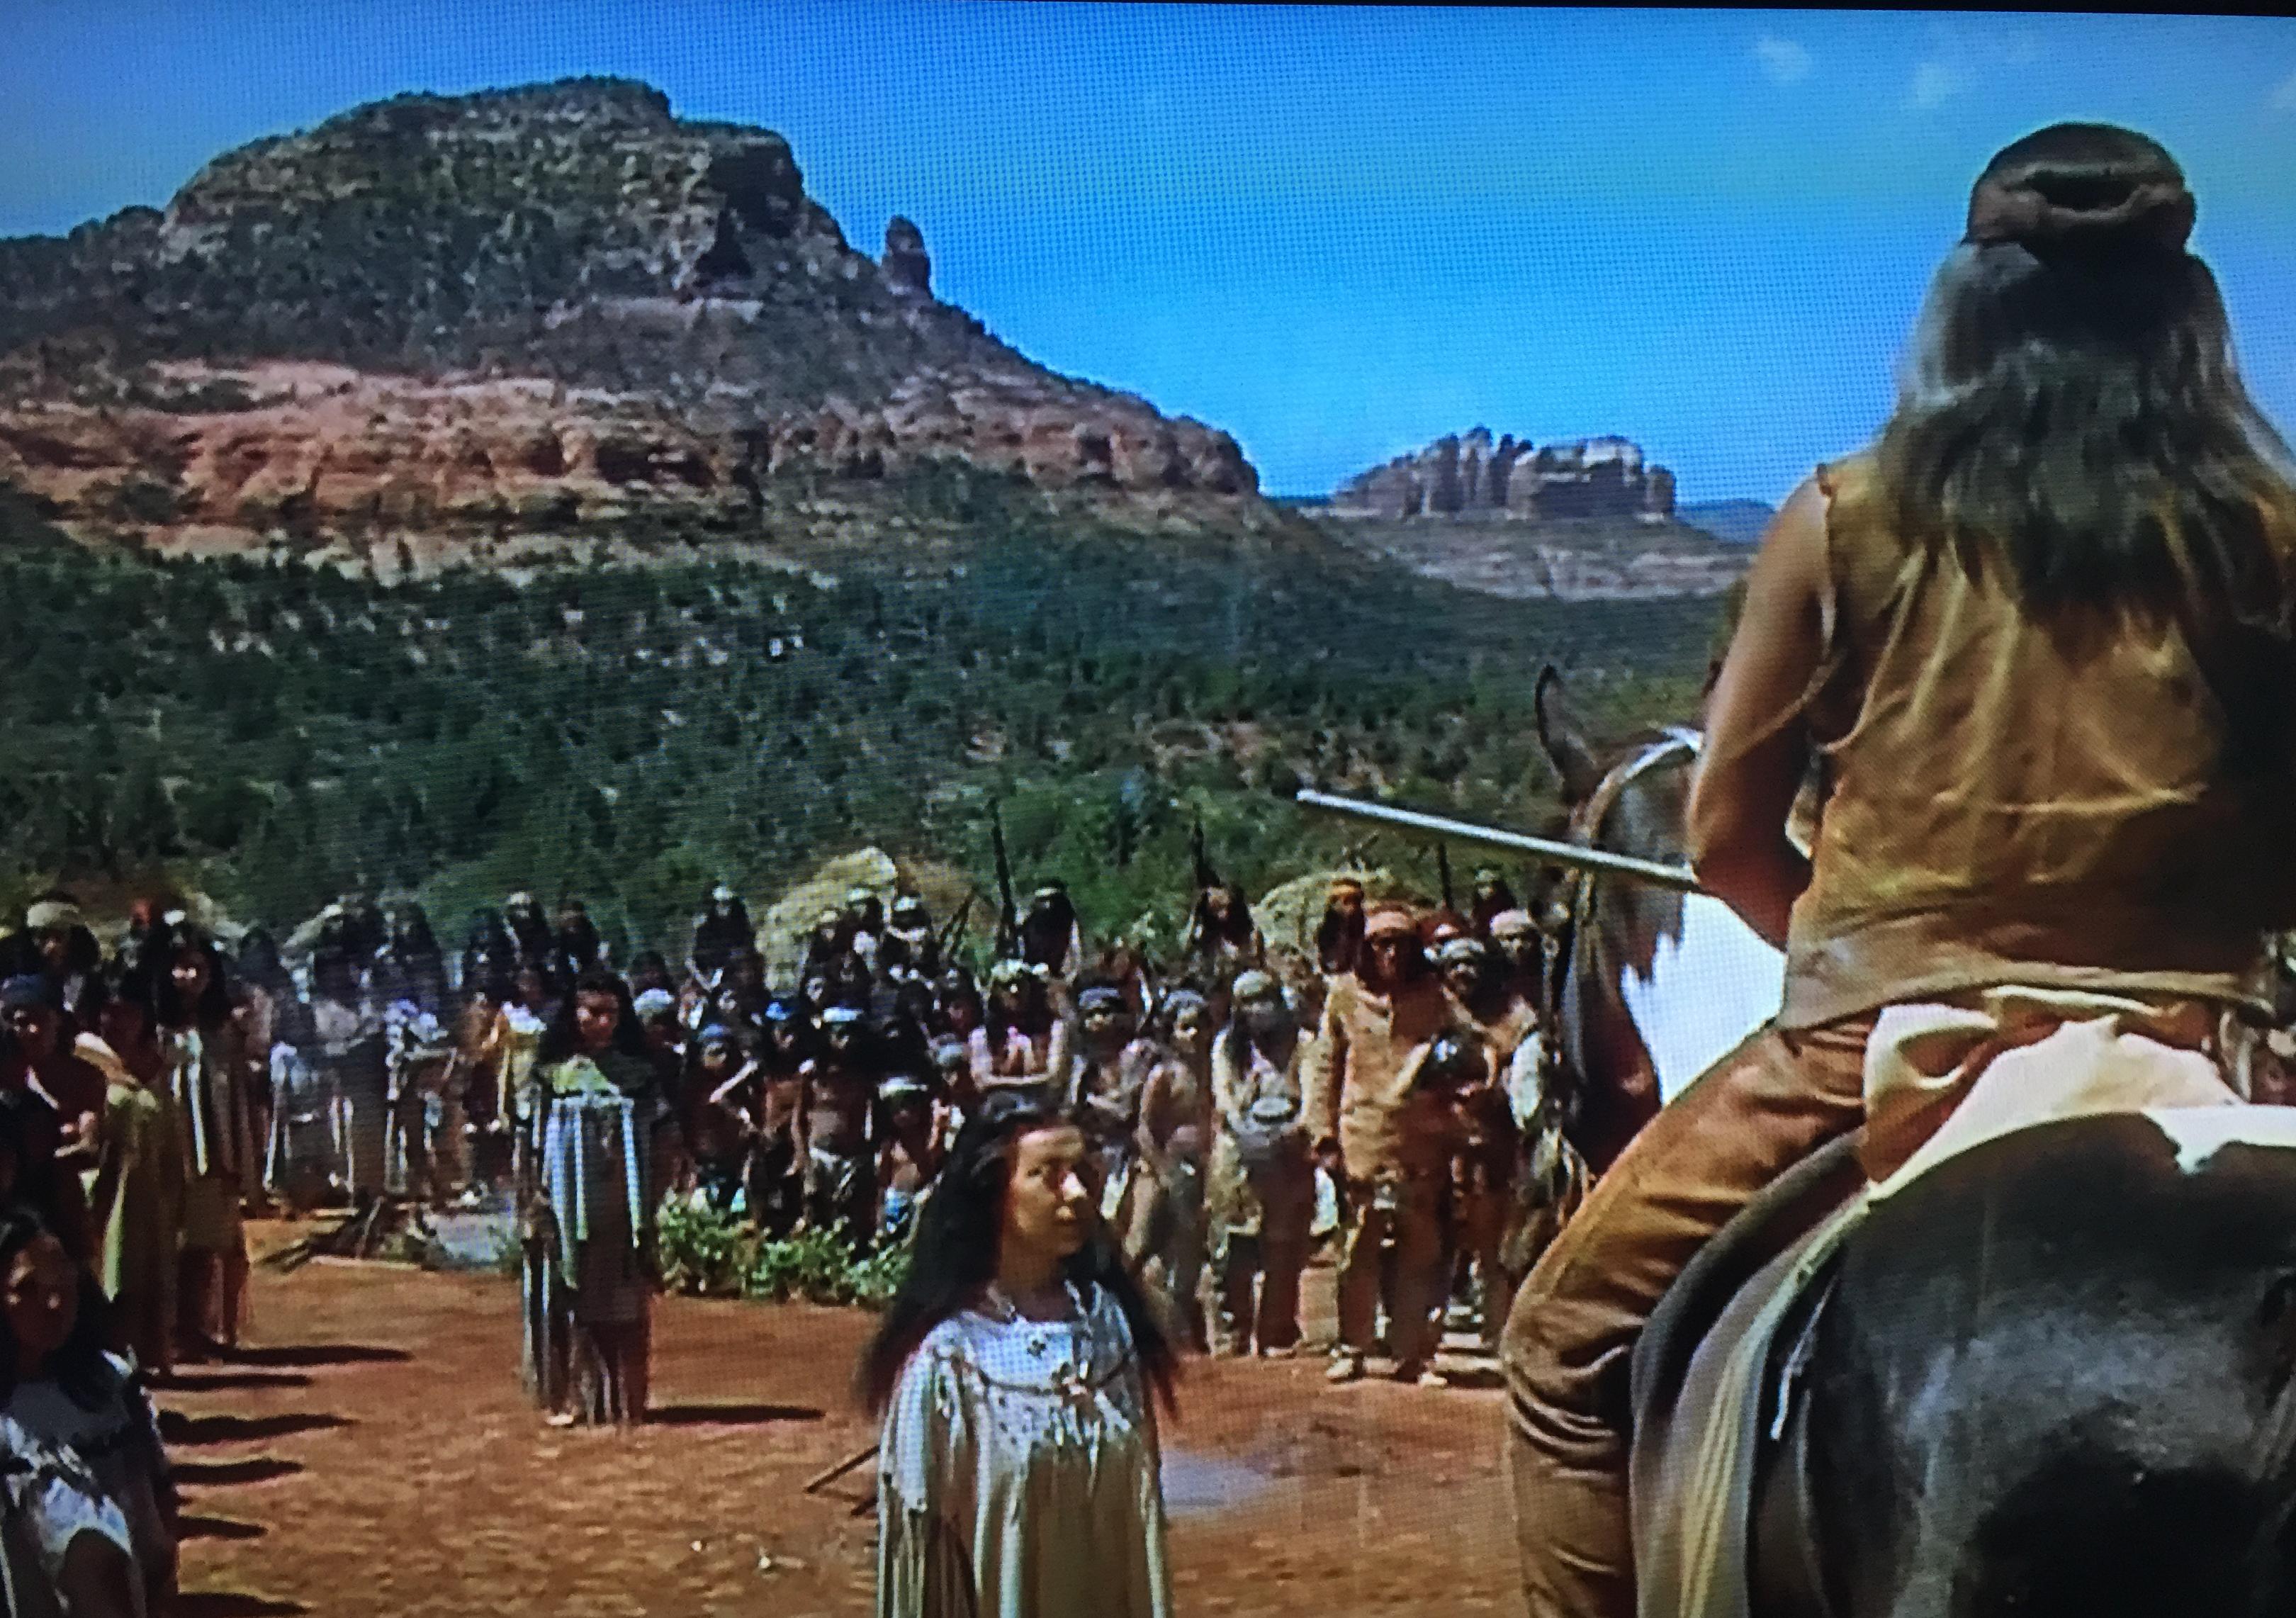 Cheesy TV Cowboy Film